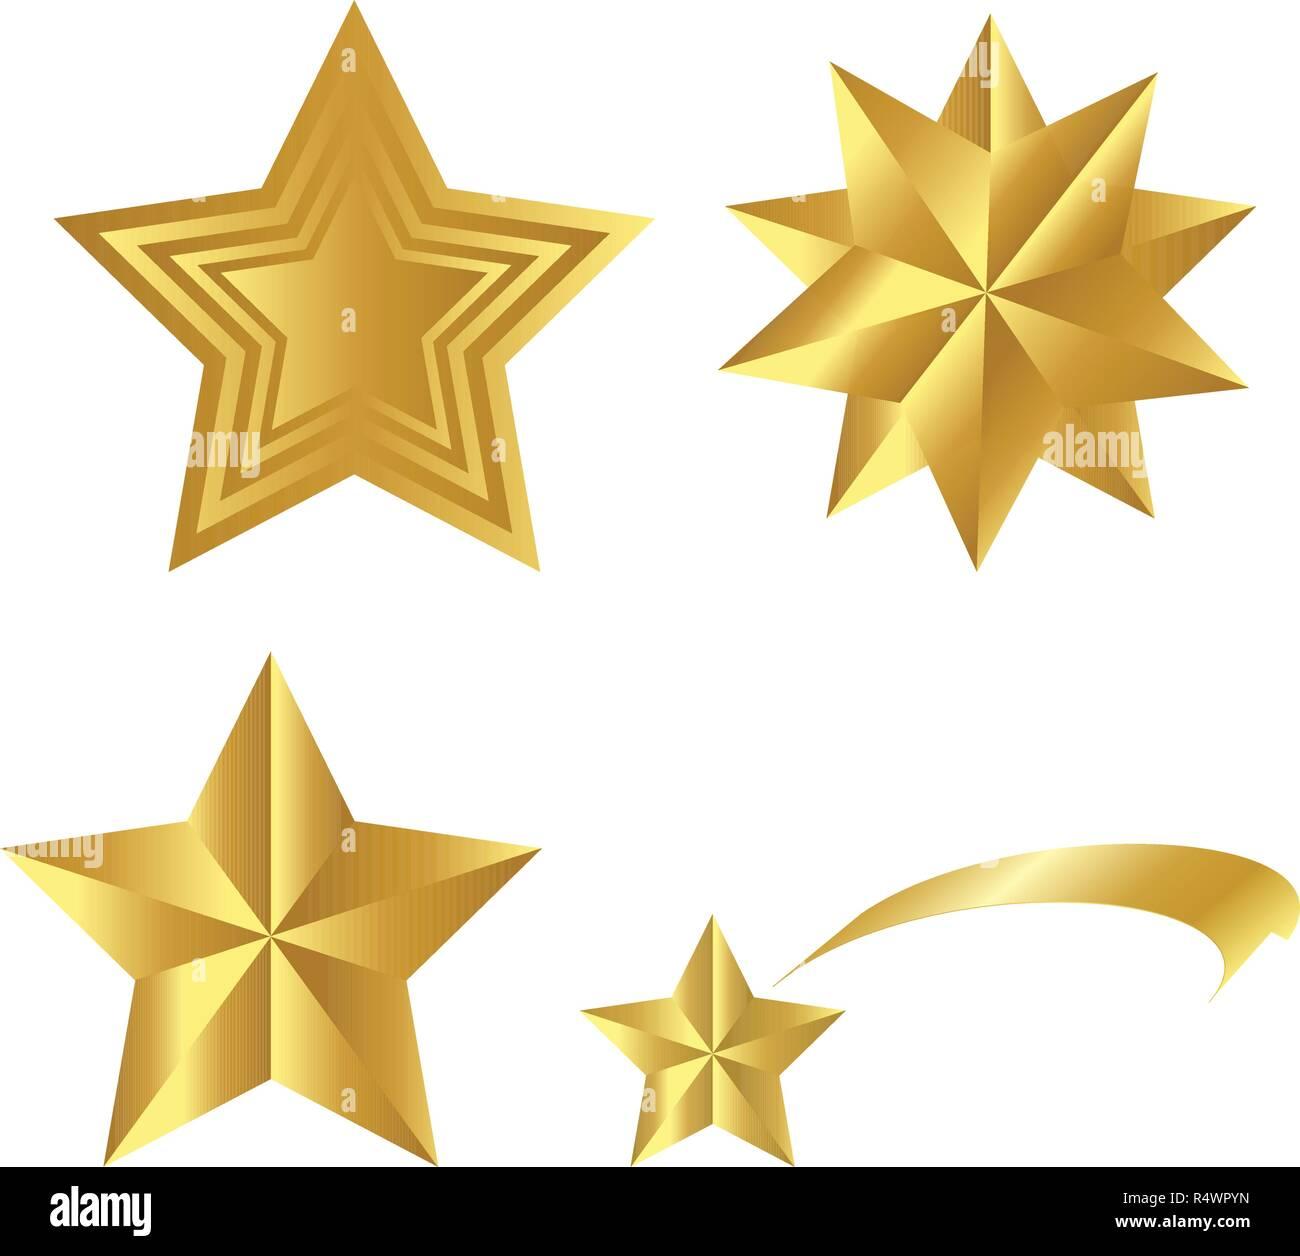 Estrellas Doradas Realista Juego Vectorial Aislado Sobre